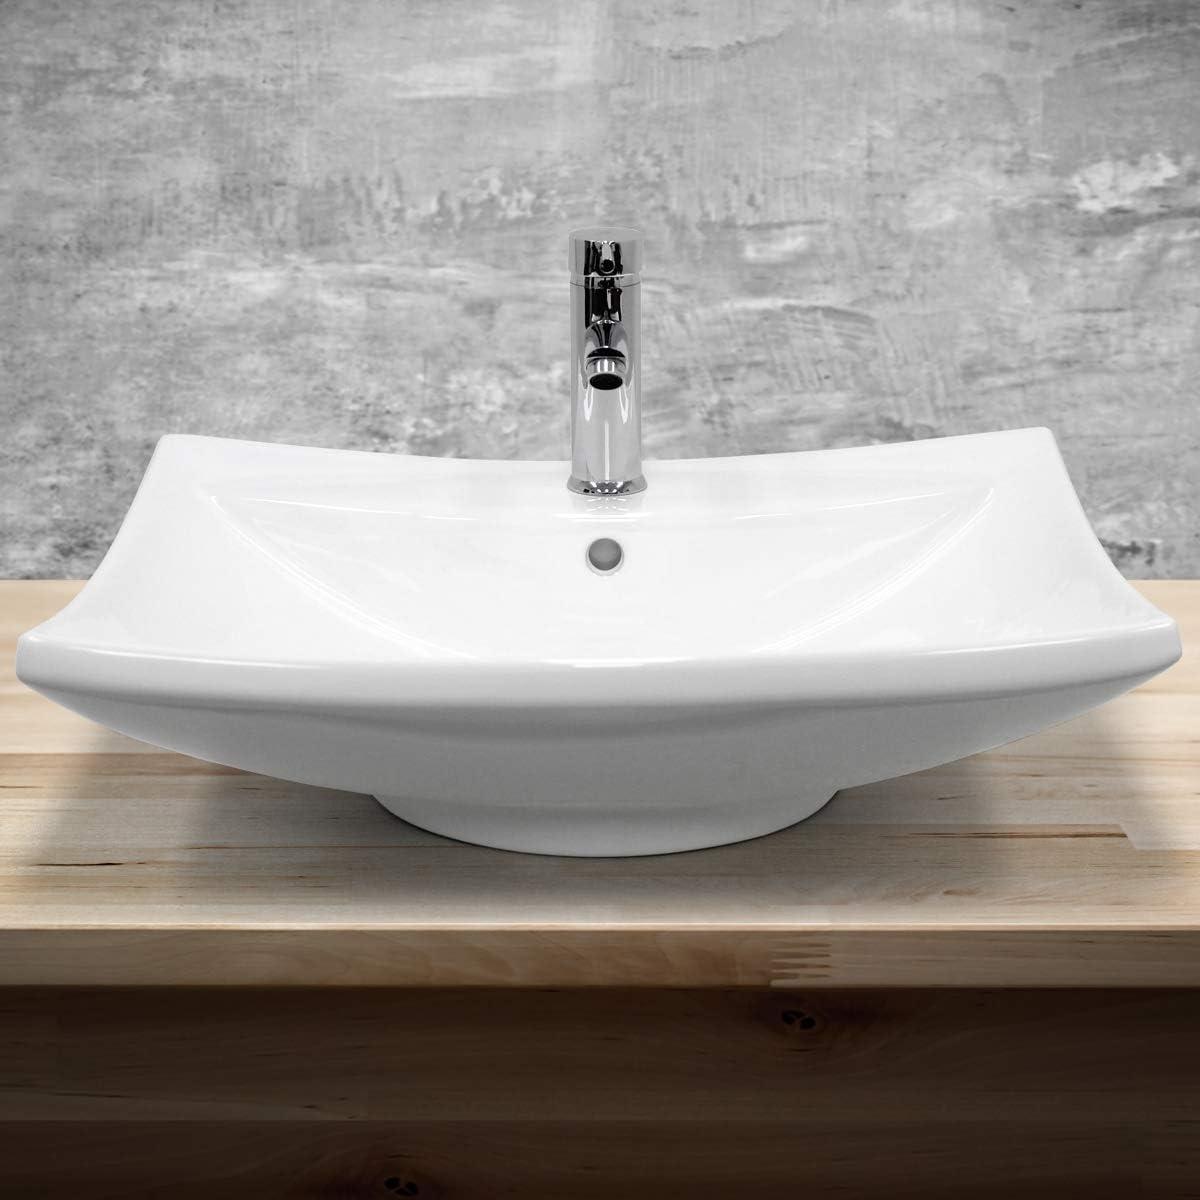 ECD Germany Vasque /à Poser c/éramique lavabo Salle de Bain Toilette 630 x 420 x 120 mm Ovale Blanc Lave Main /évier Vasque Salle de Bain Drain avec raccordement Standard Design Moderne